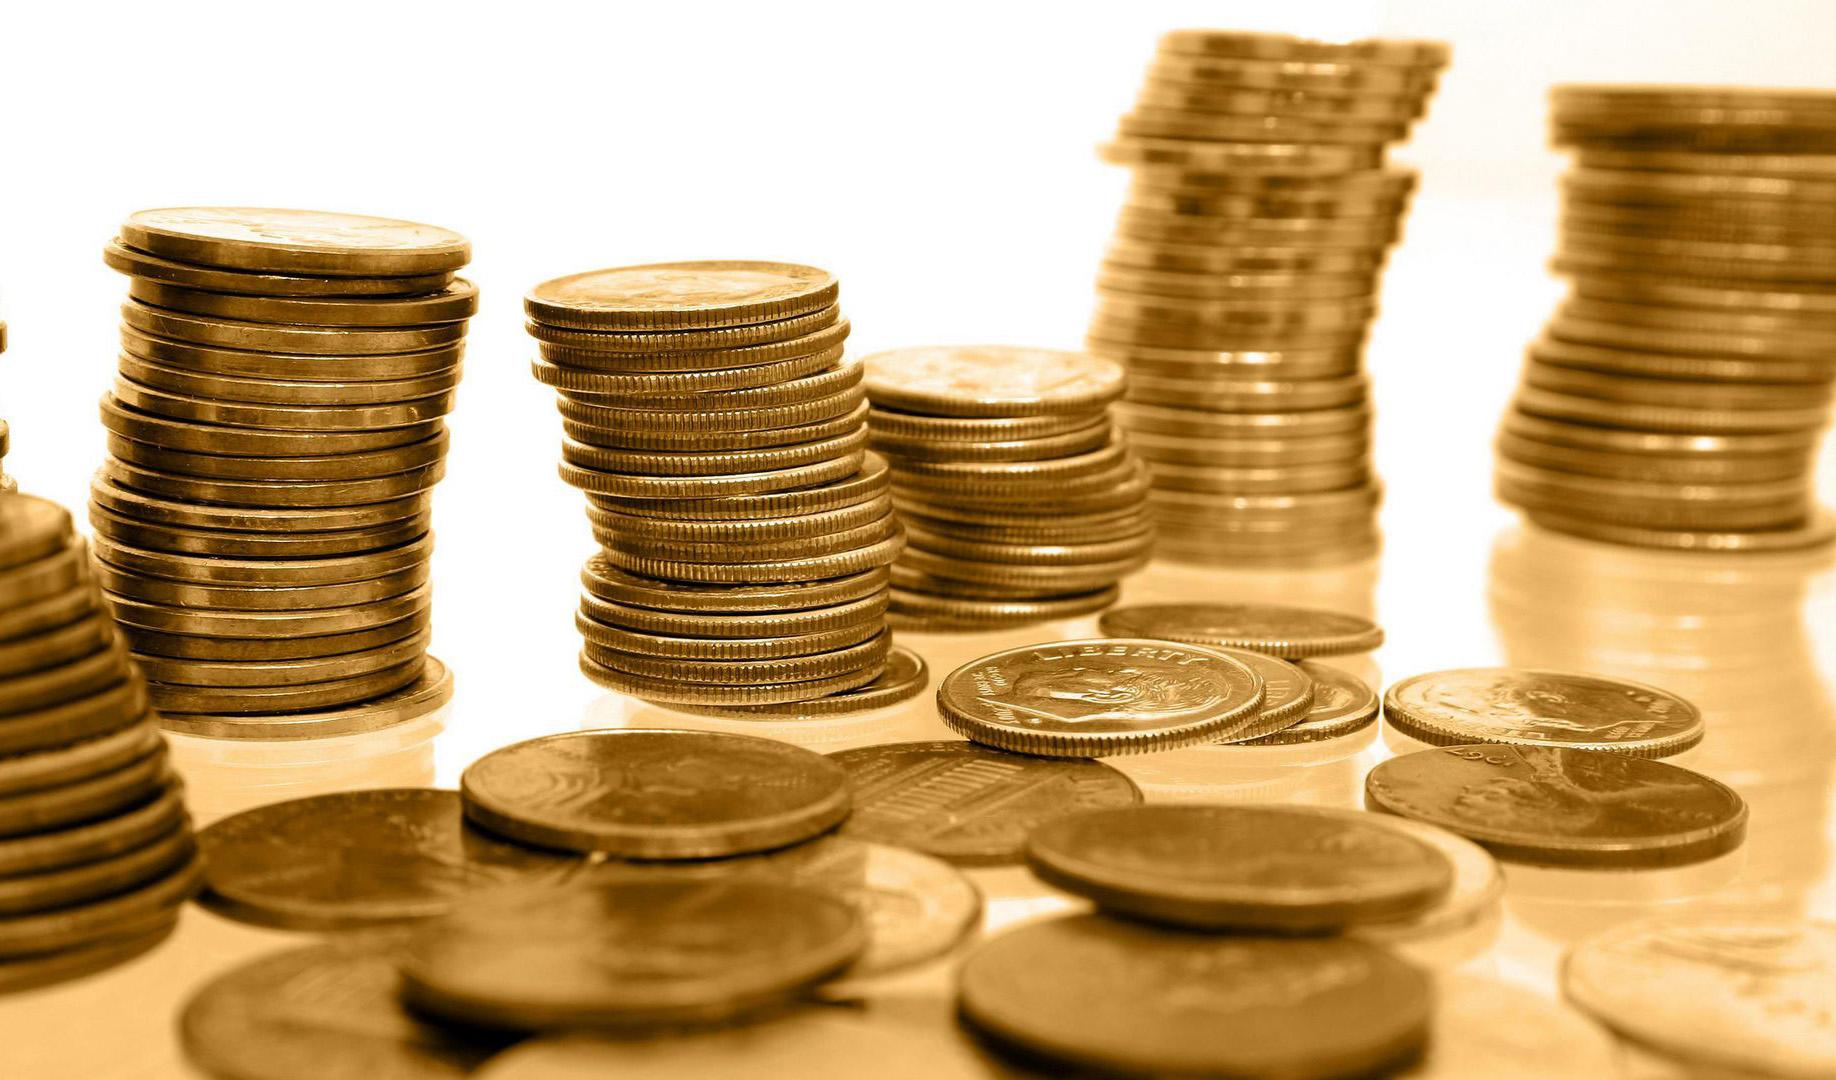 قیمت سکه ۱۴ مرداد ۱۴۰۰ به ۱۱ میلیون و ۳۱۰ هزار تومان رسید